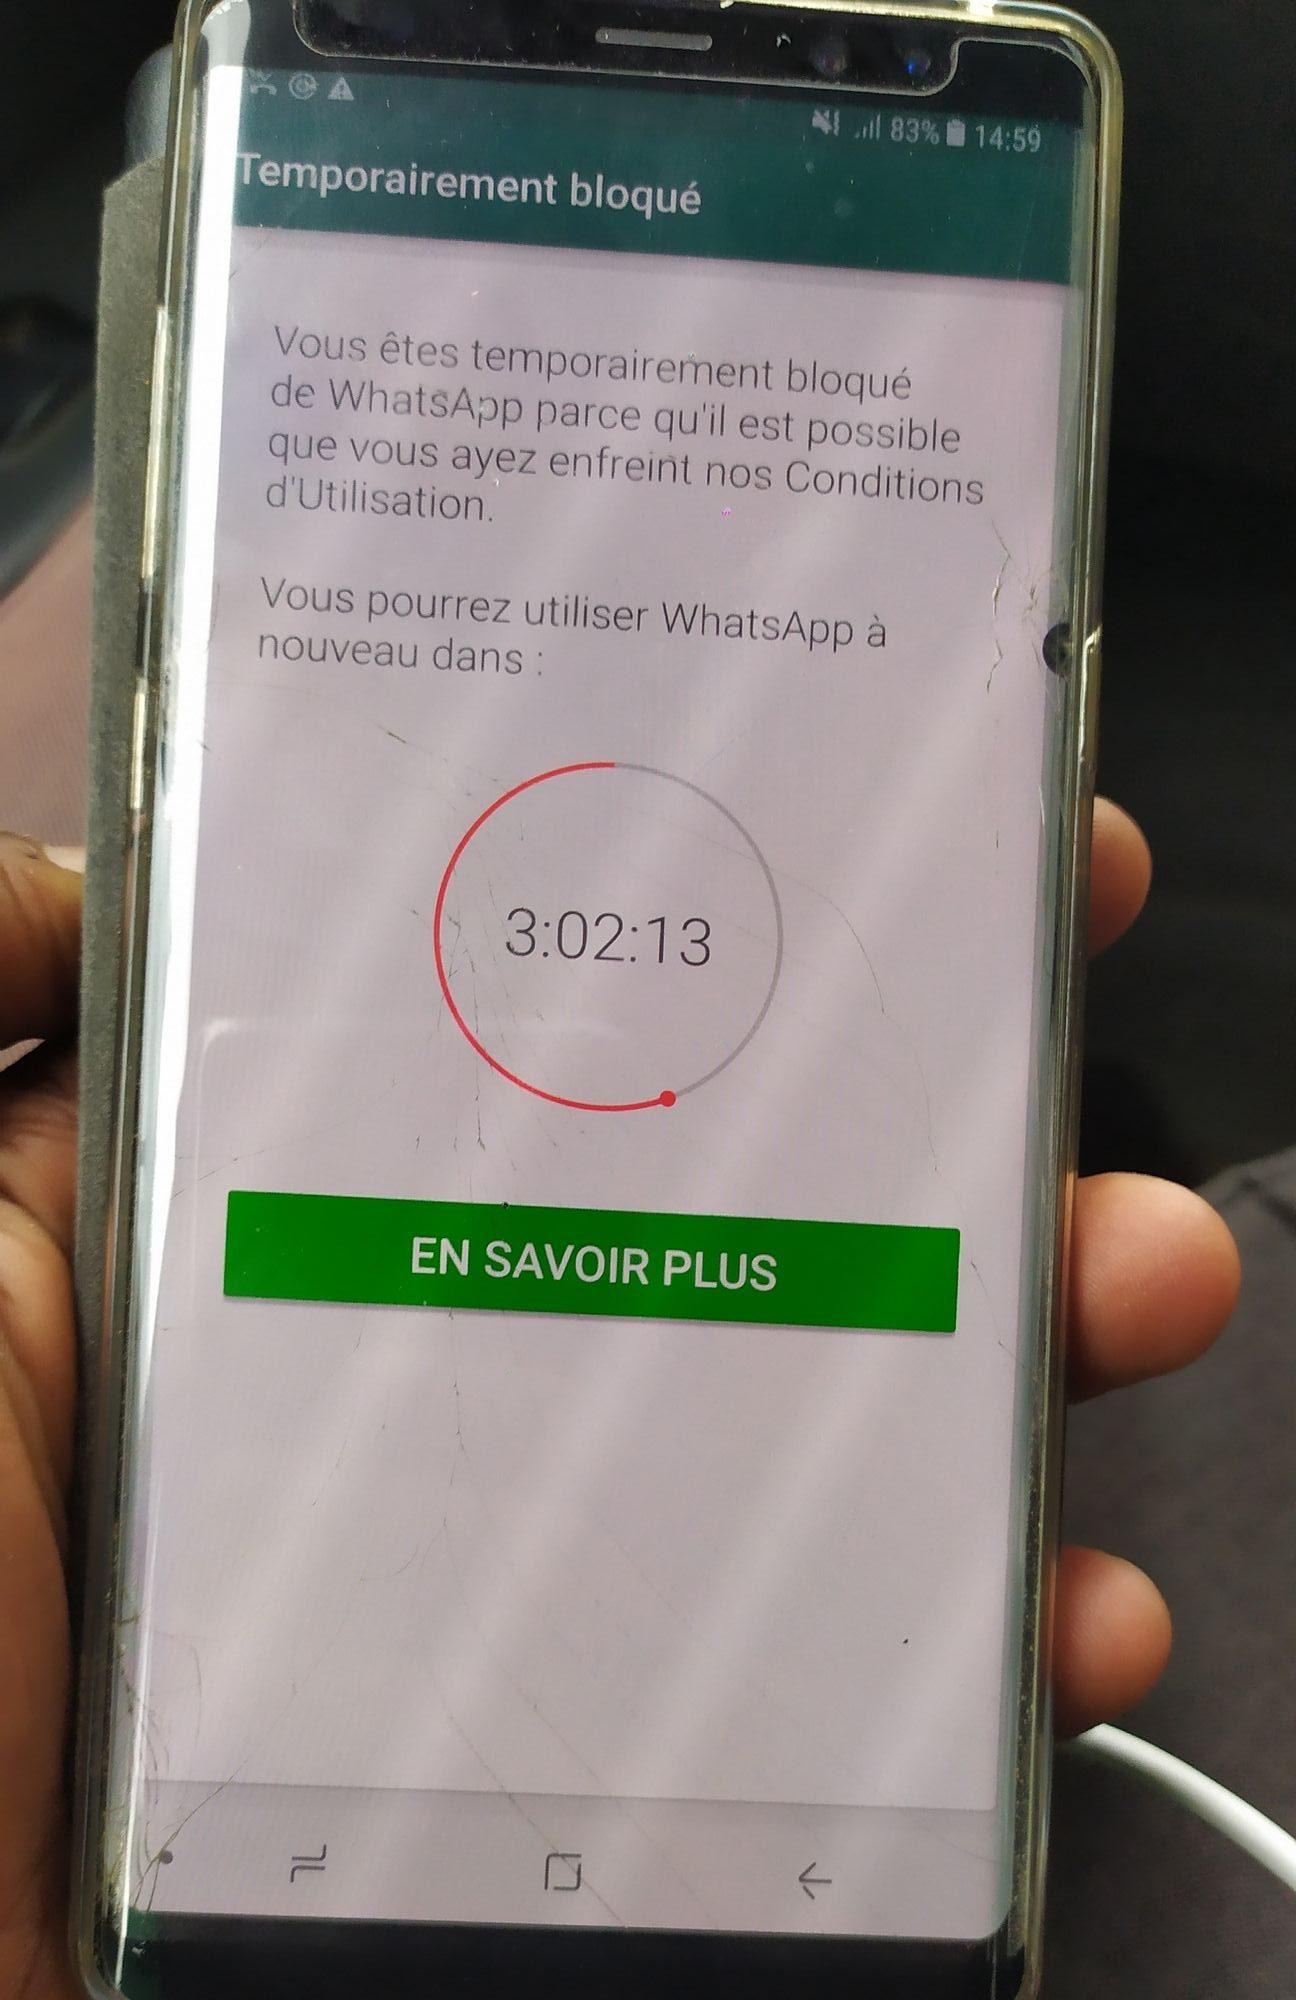 WhatsApp temporairement bloqué e1559260801119 Comment Débloquer un Compte WhatsApp Temporairement Bloqué